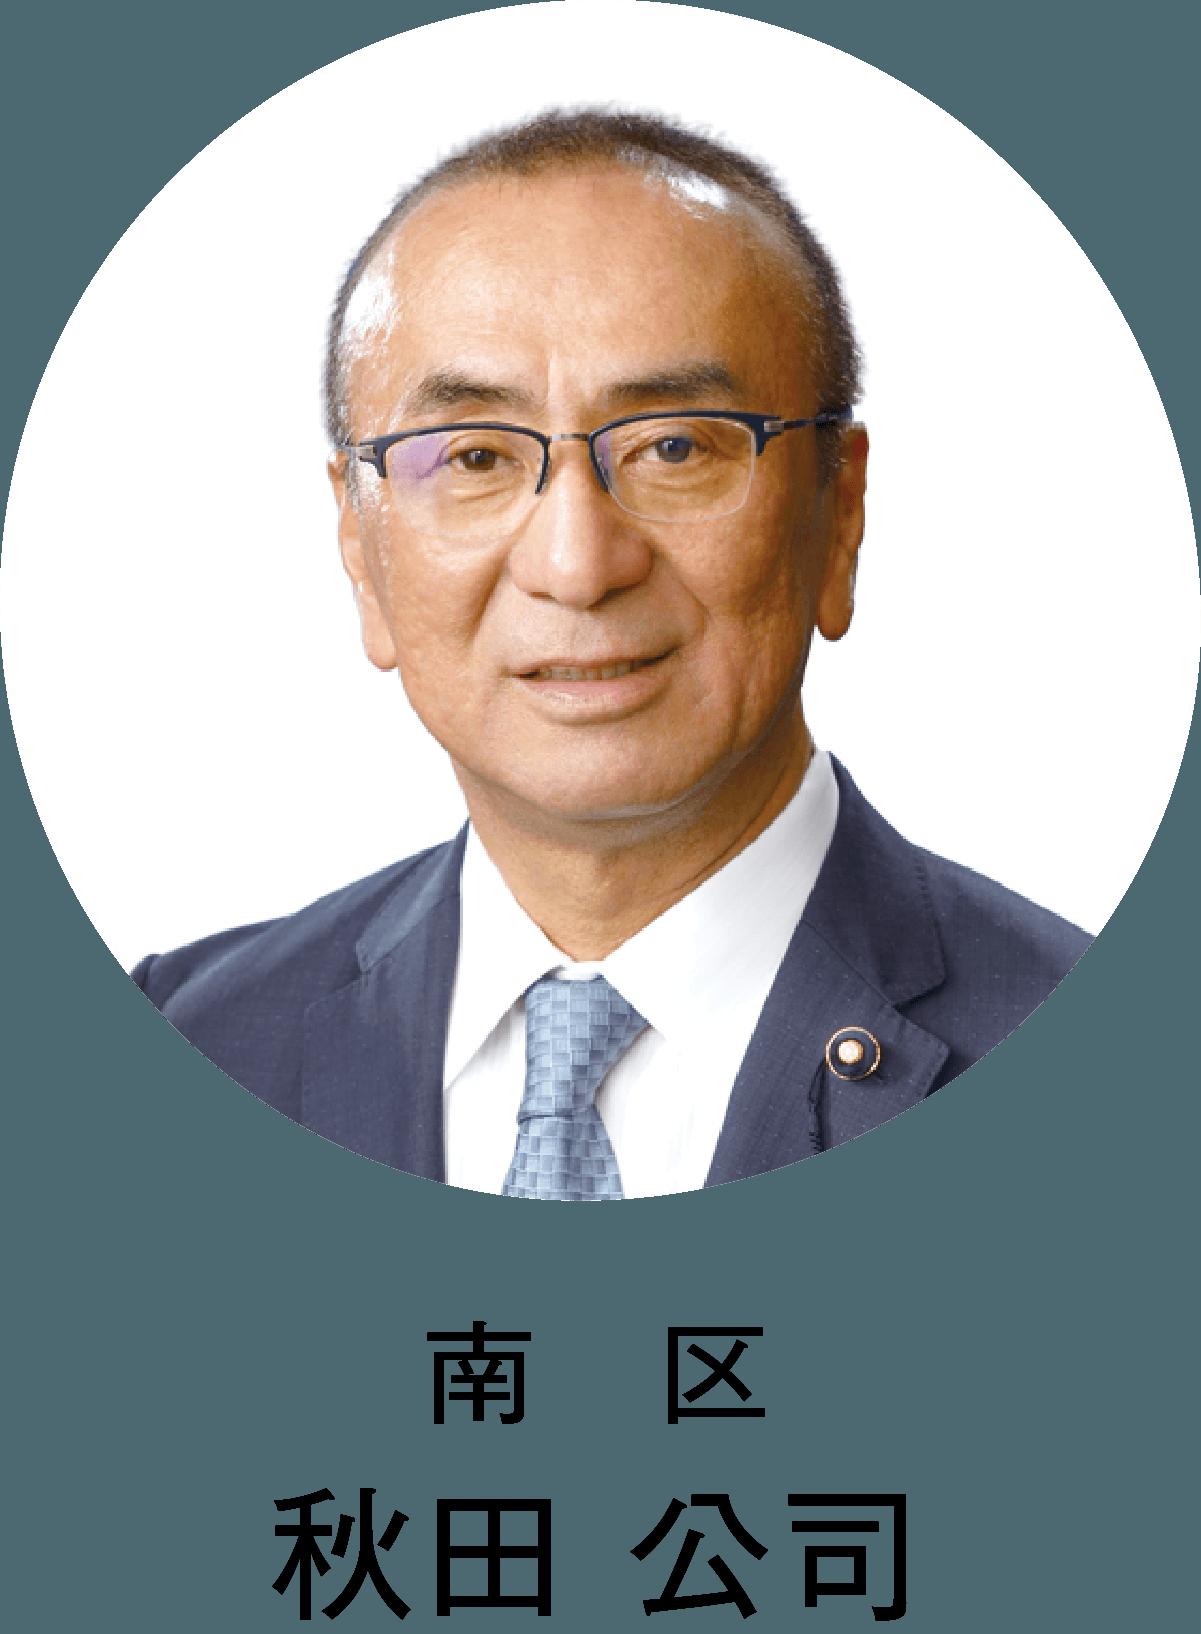 秋田 公司